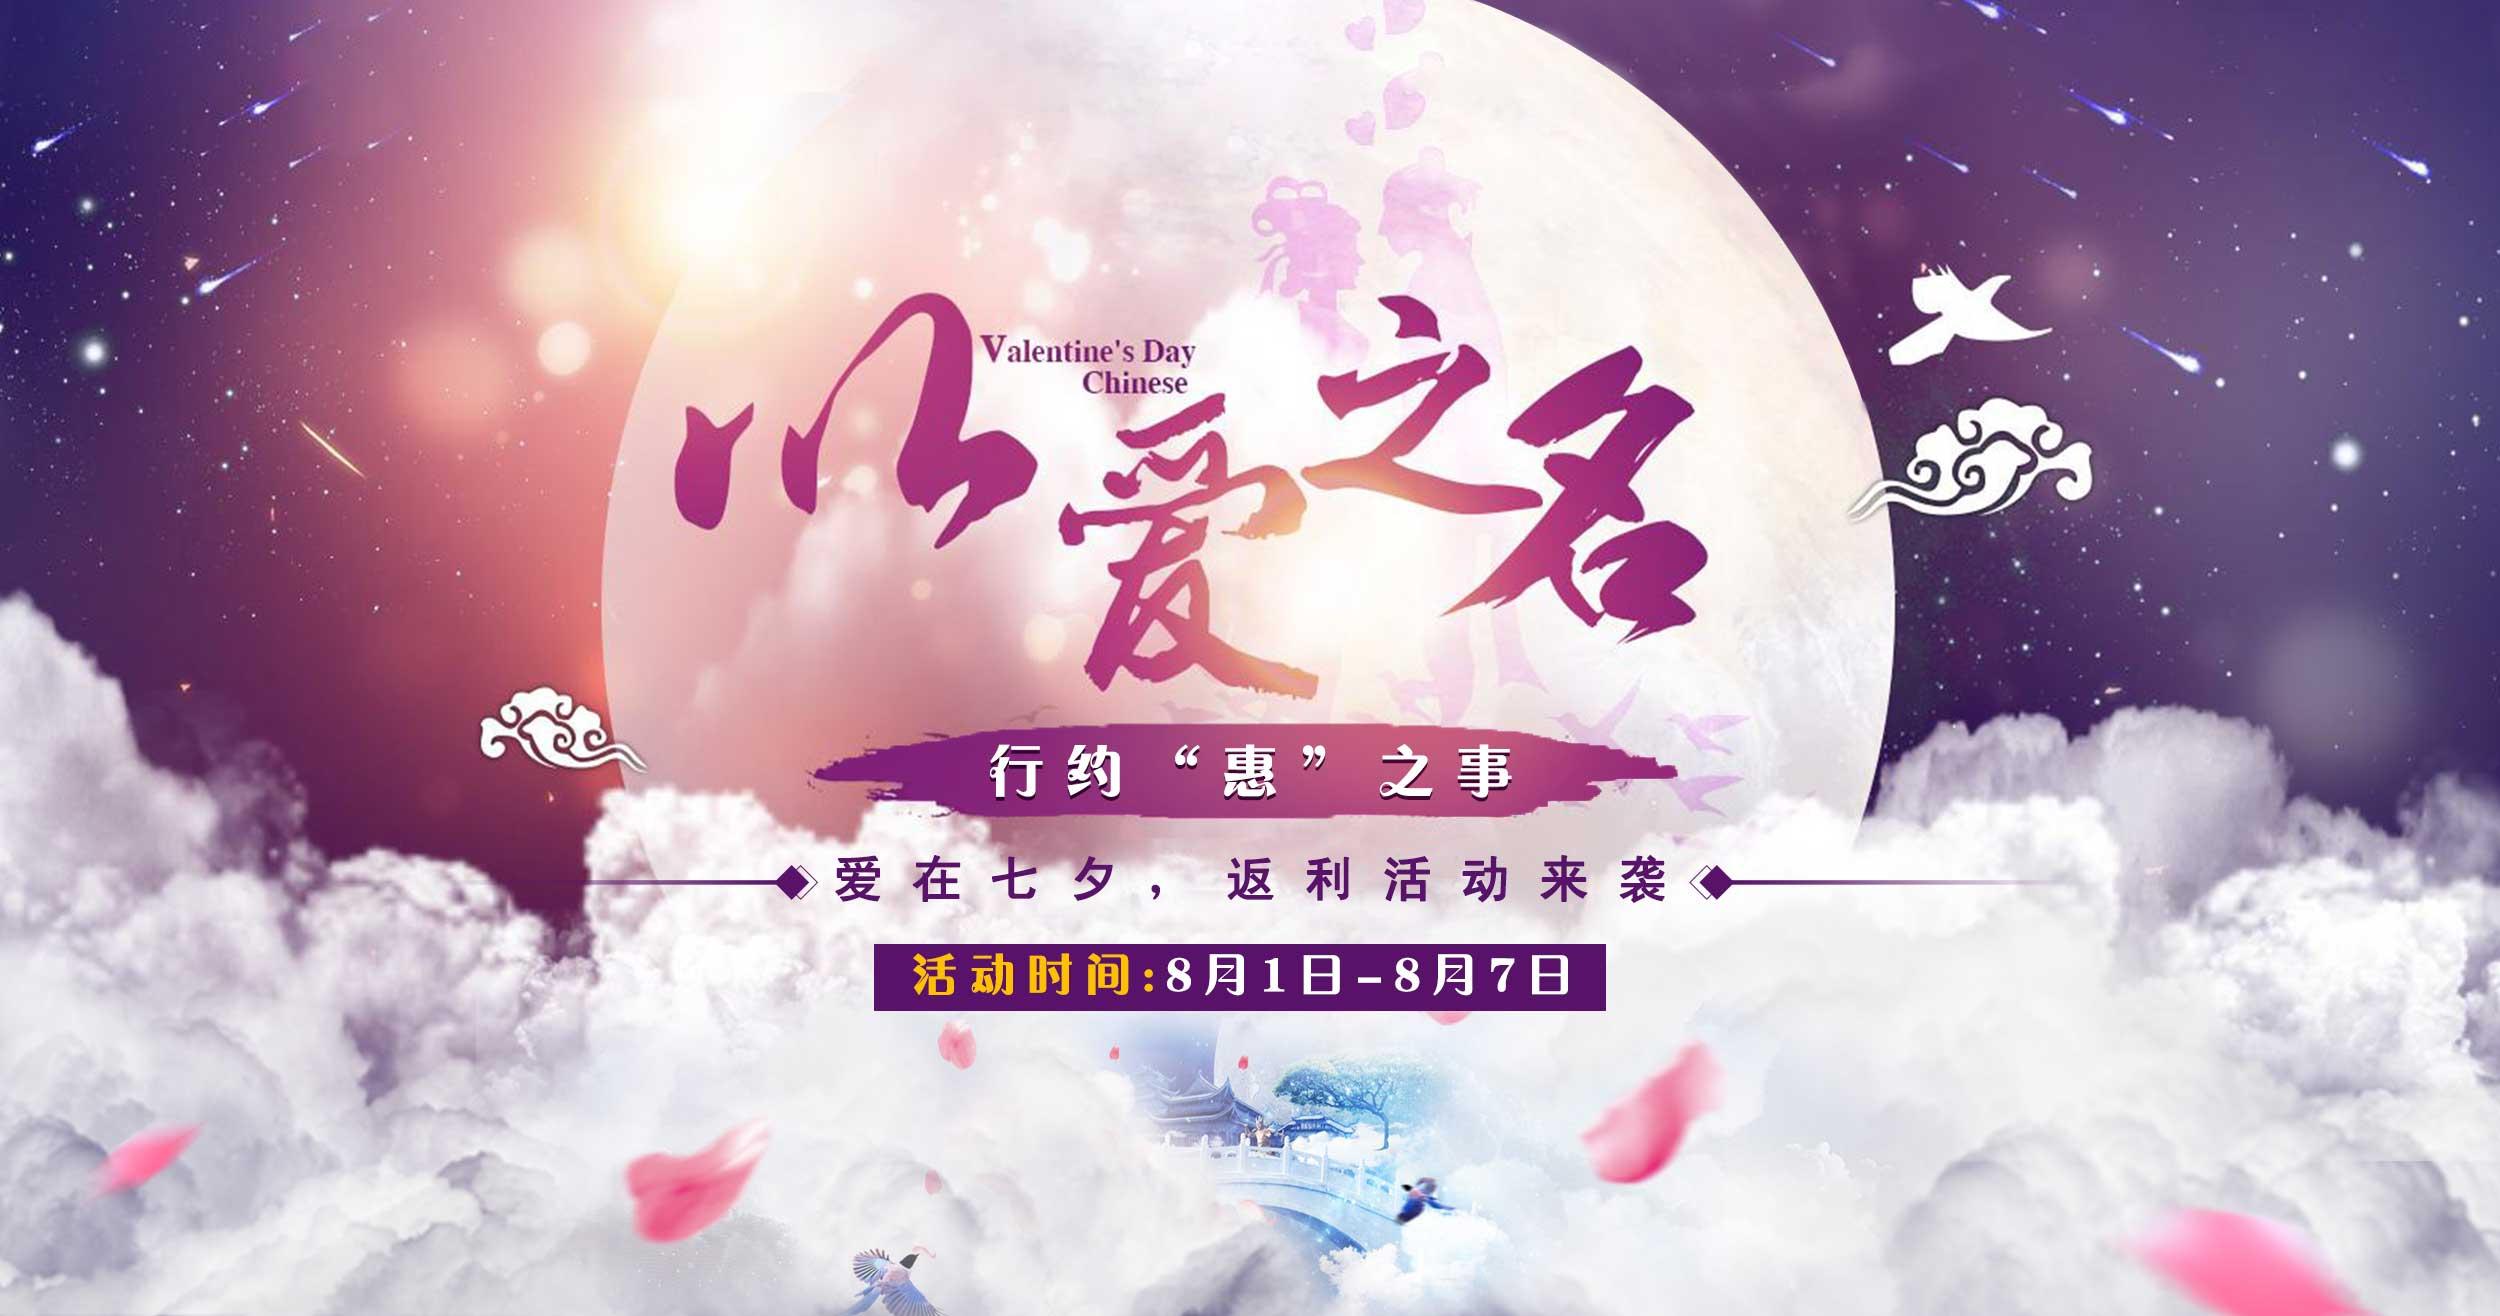 """3733游戲『以愛之名,行約""""惠""""之事』(活動時間8月2日~8月5日)"""